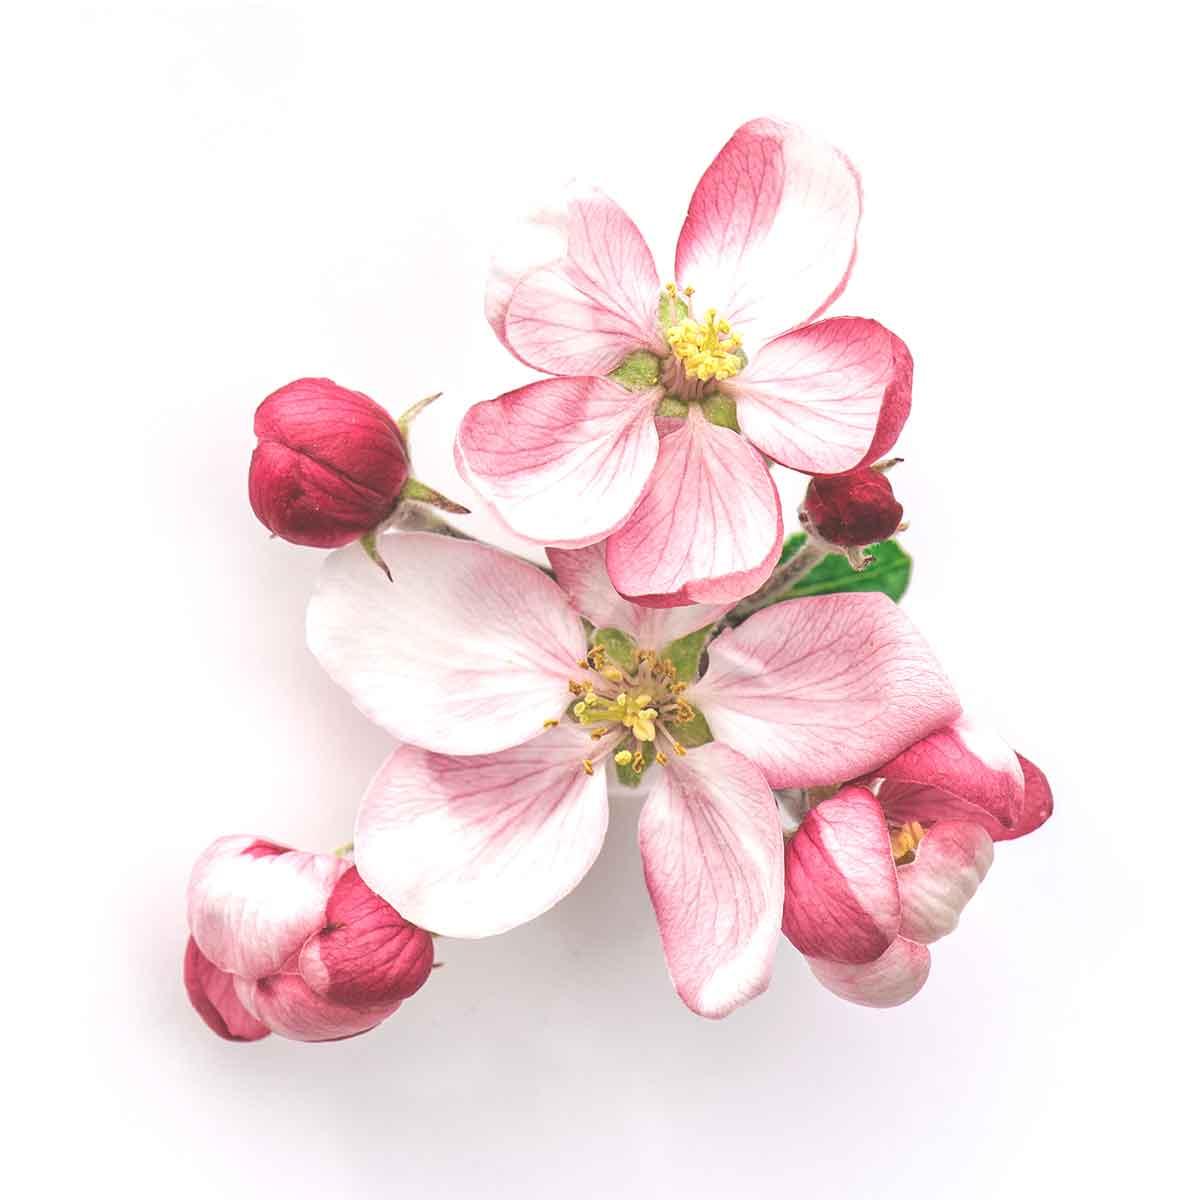 Botanical-Lucid-Mood-Sleep-Apple-Blossom.jpg